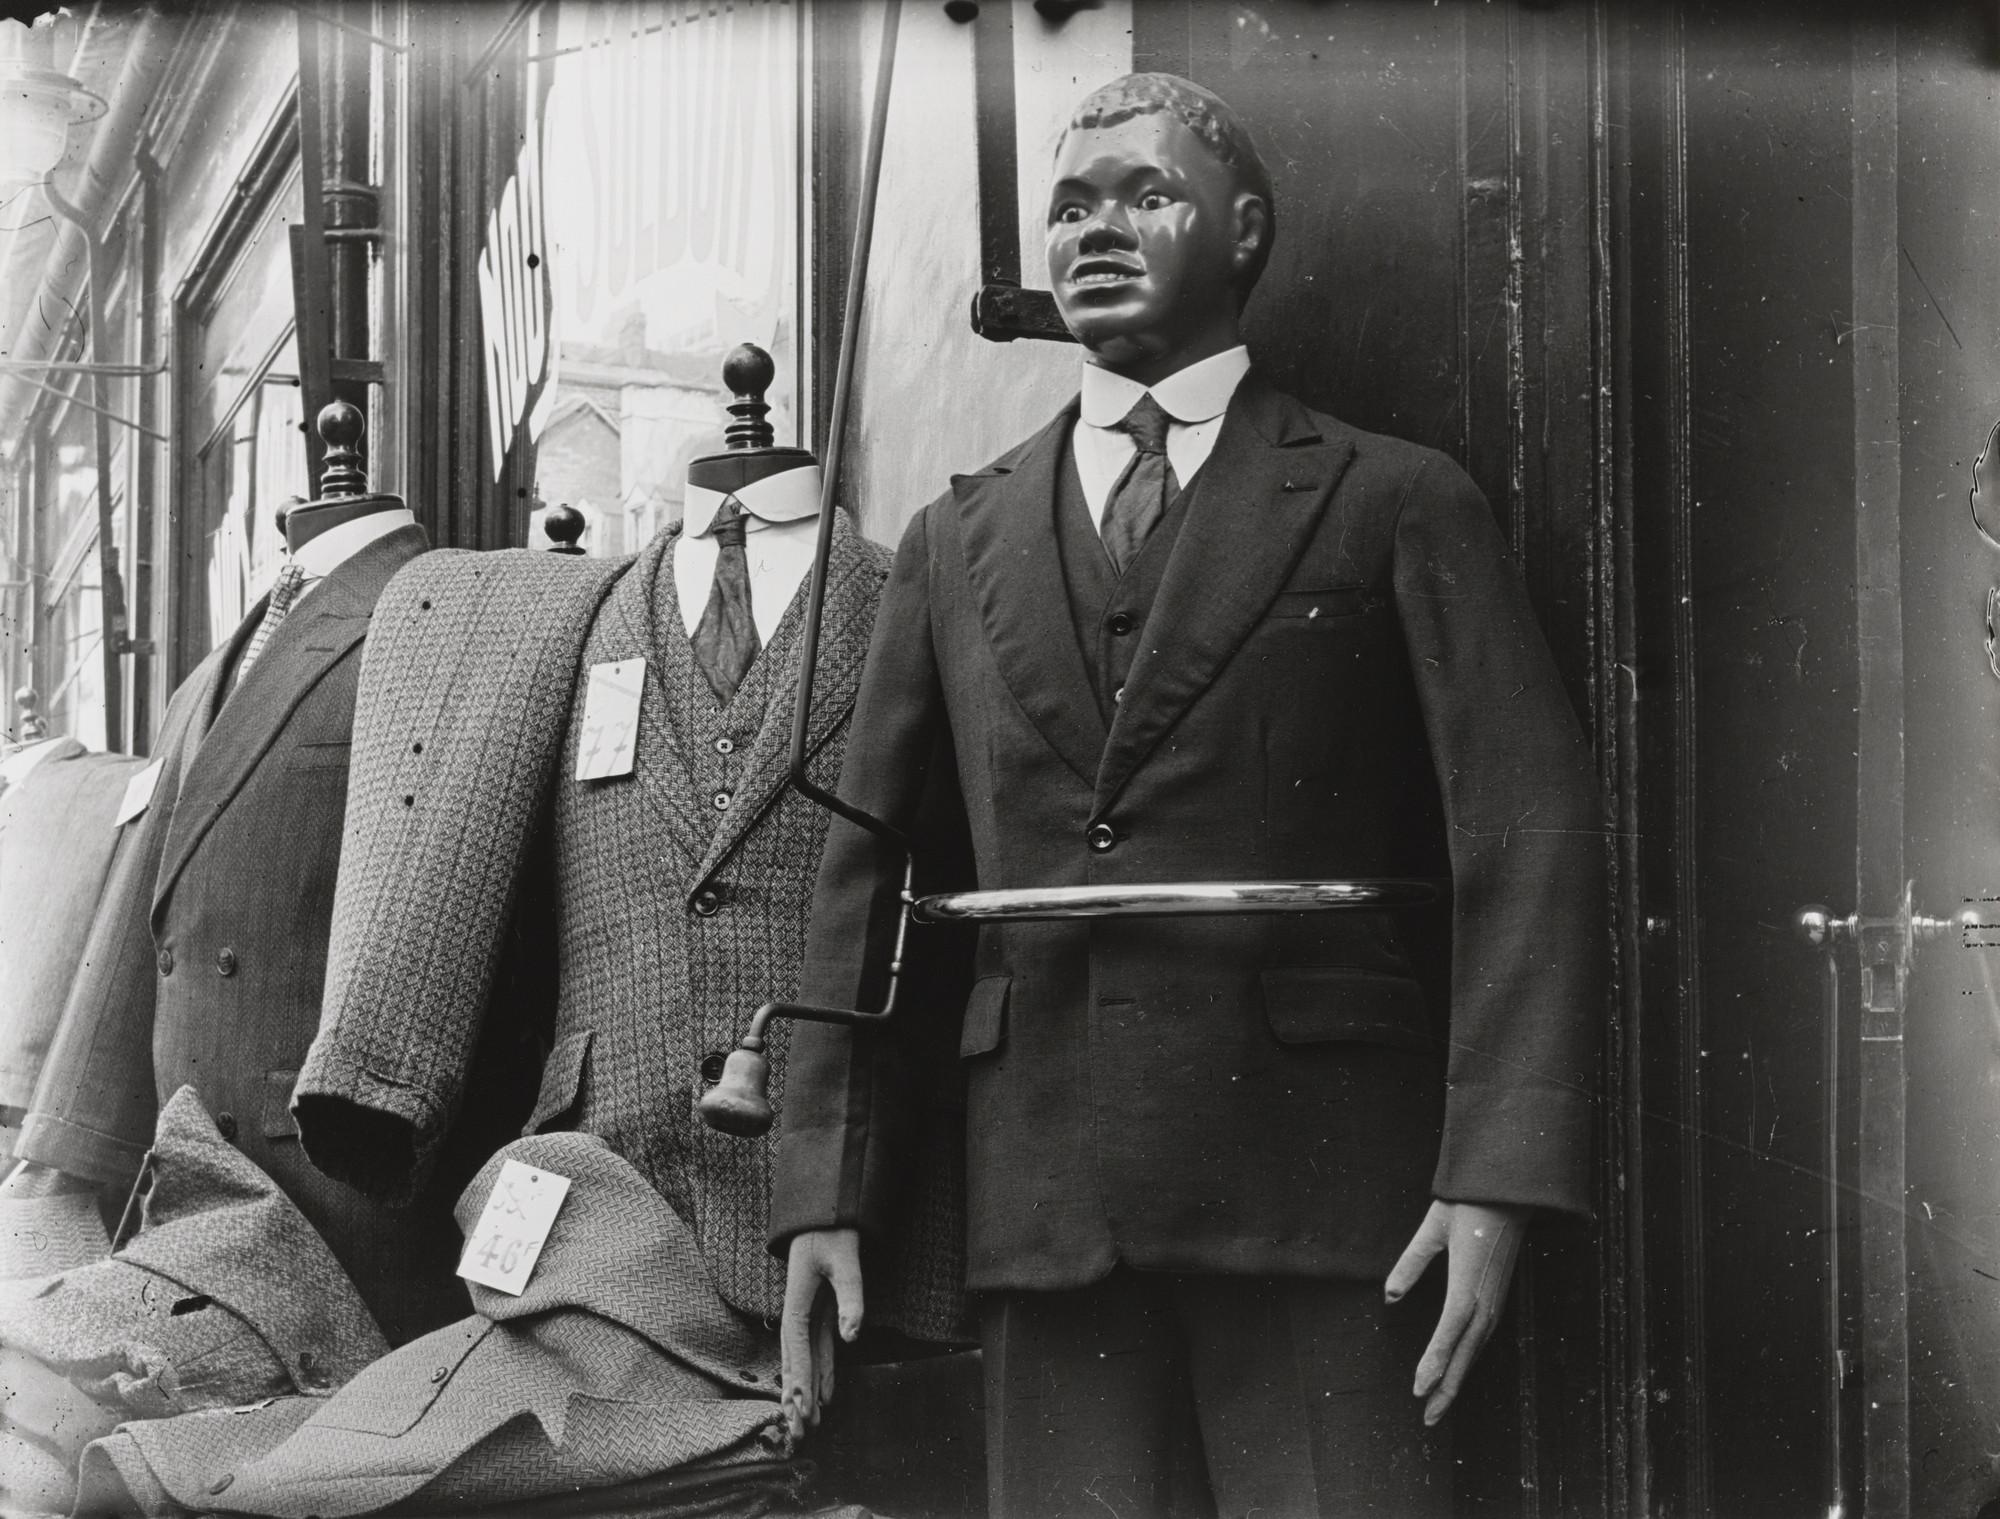 Henri Cartier-Bresson. Rouen. 1929 | MoMA